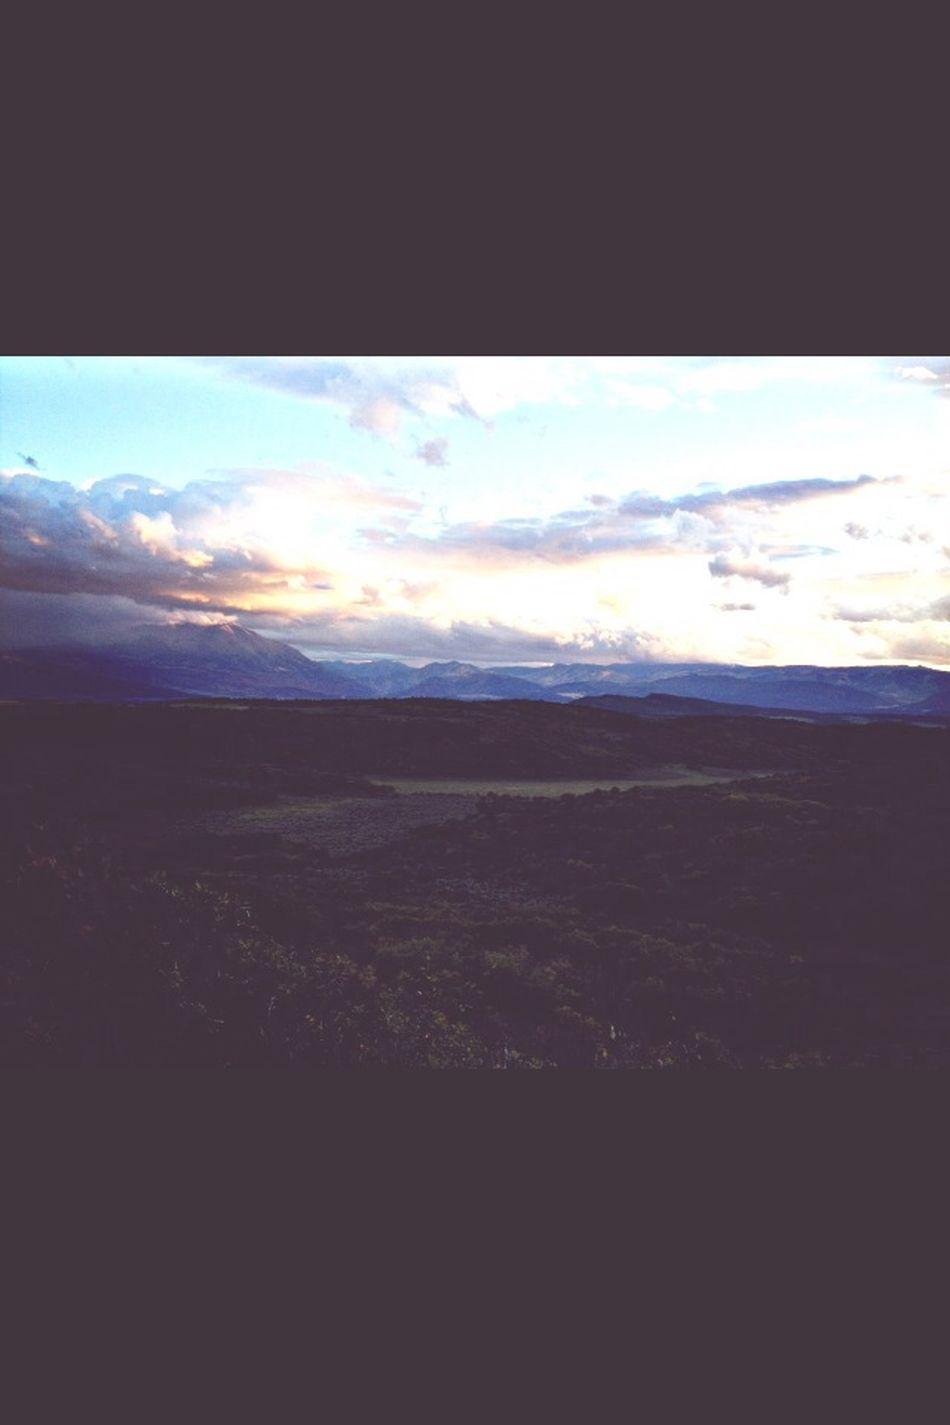 Coloradorockies